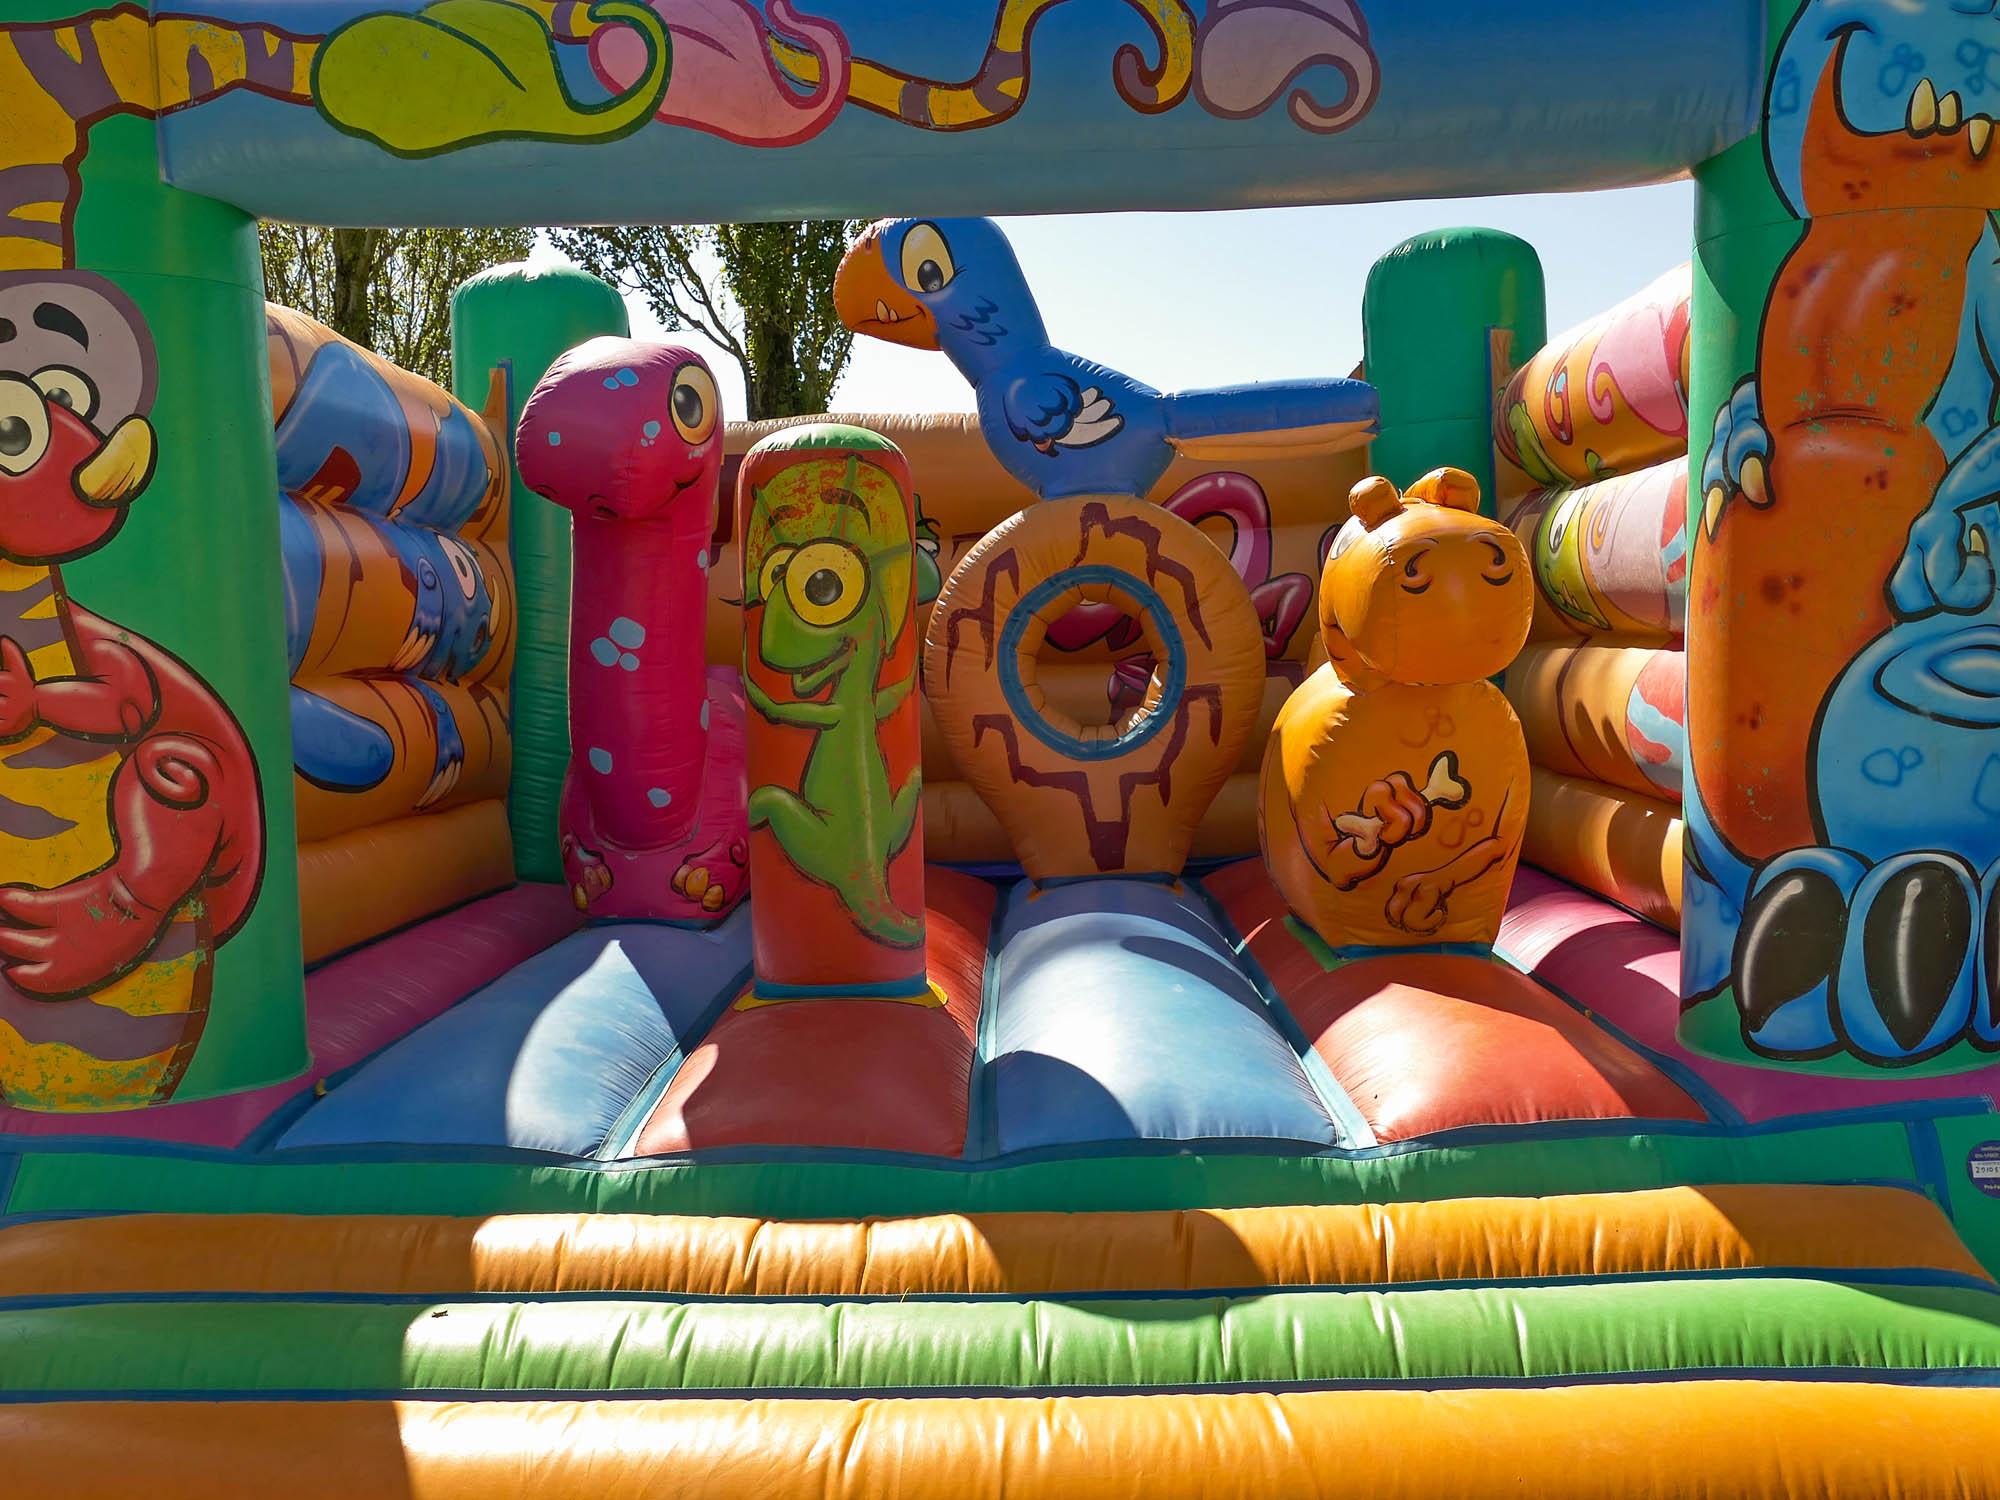 amuztoi ; chateau gonflable ; weekend ; vacances ; jeux ; enfant : famille ; activité ; aveyron ; rodez ; parc d'atraction ; archery tag ; arc ; paintball ; amis ; enfants ; anniversaire ; cremaillere ; mariage ; fete ; soiree ; camping